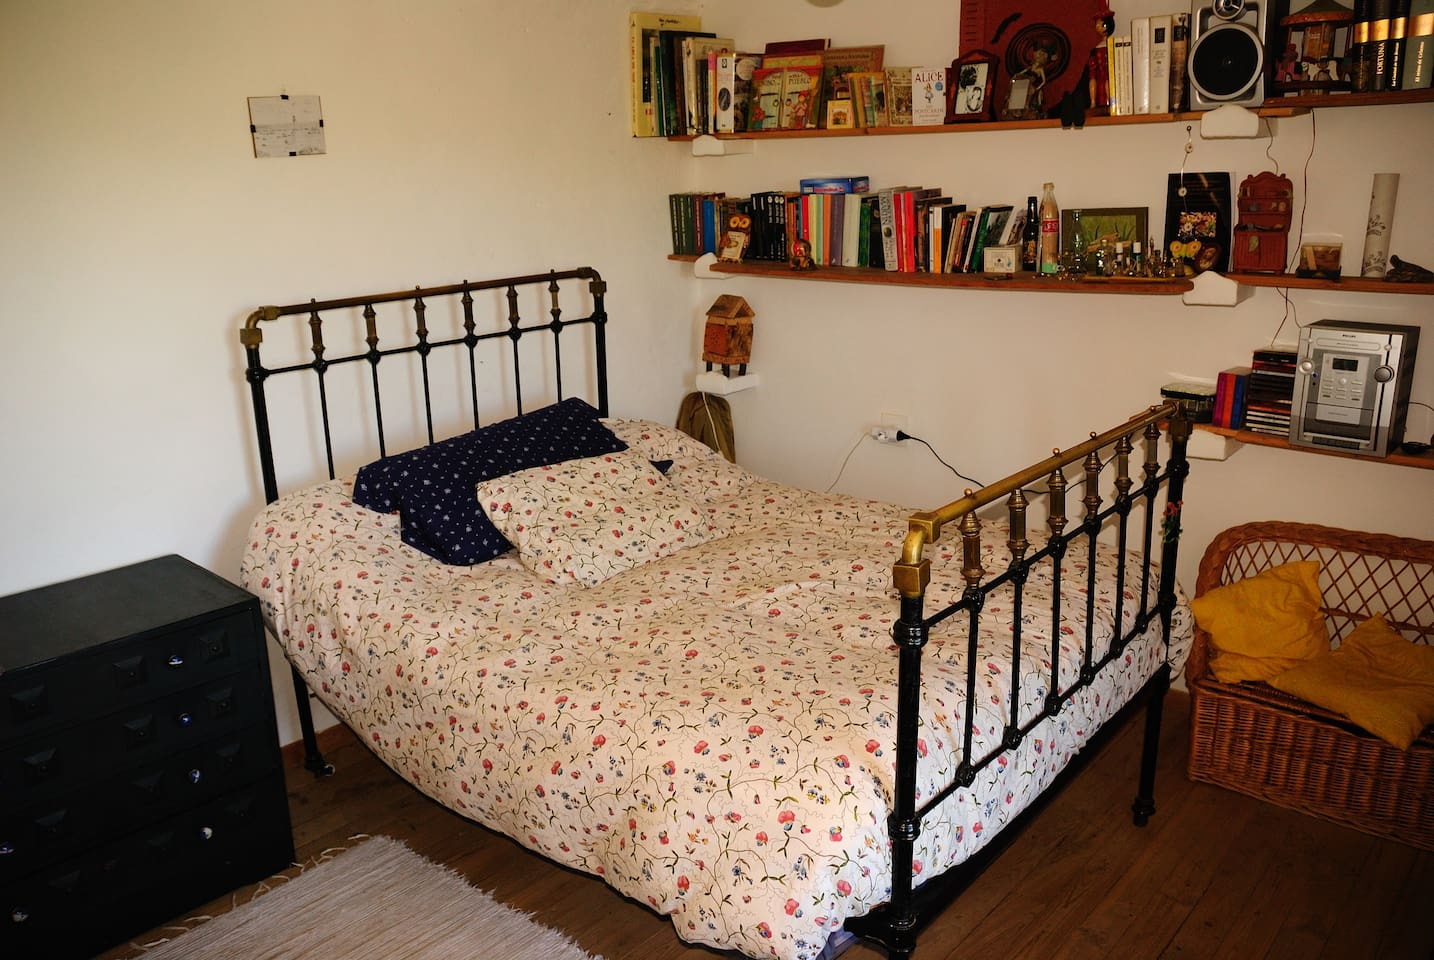 Cama  de matrimonio de porte tradicional pero con un colchón nuevecito, perfecto para descansar.